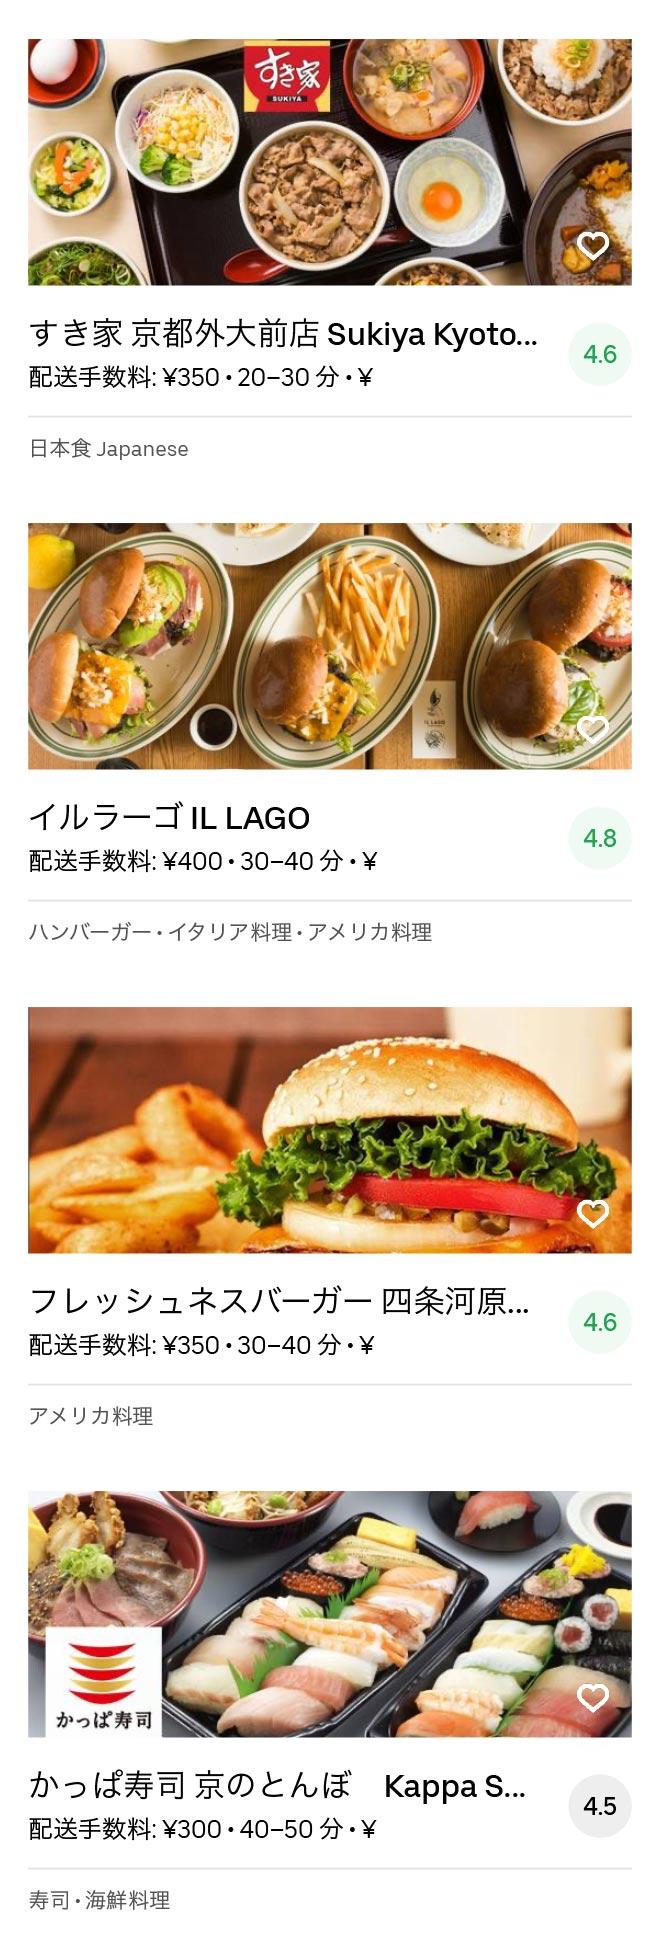 Kyoto nishioji menu 2005 07